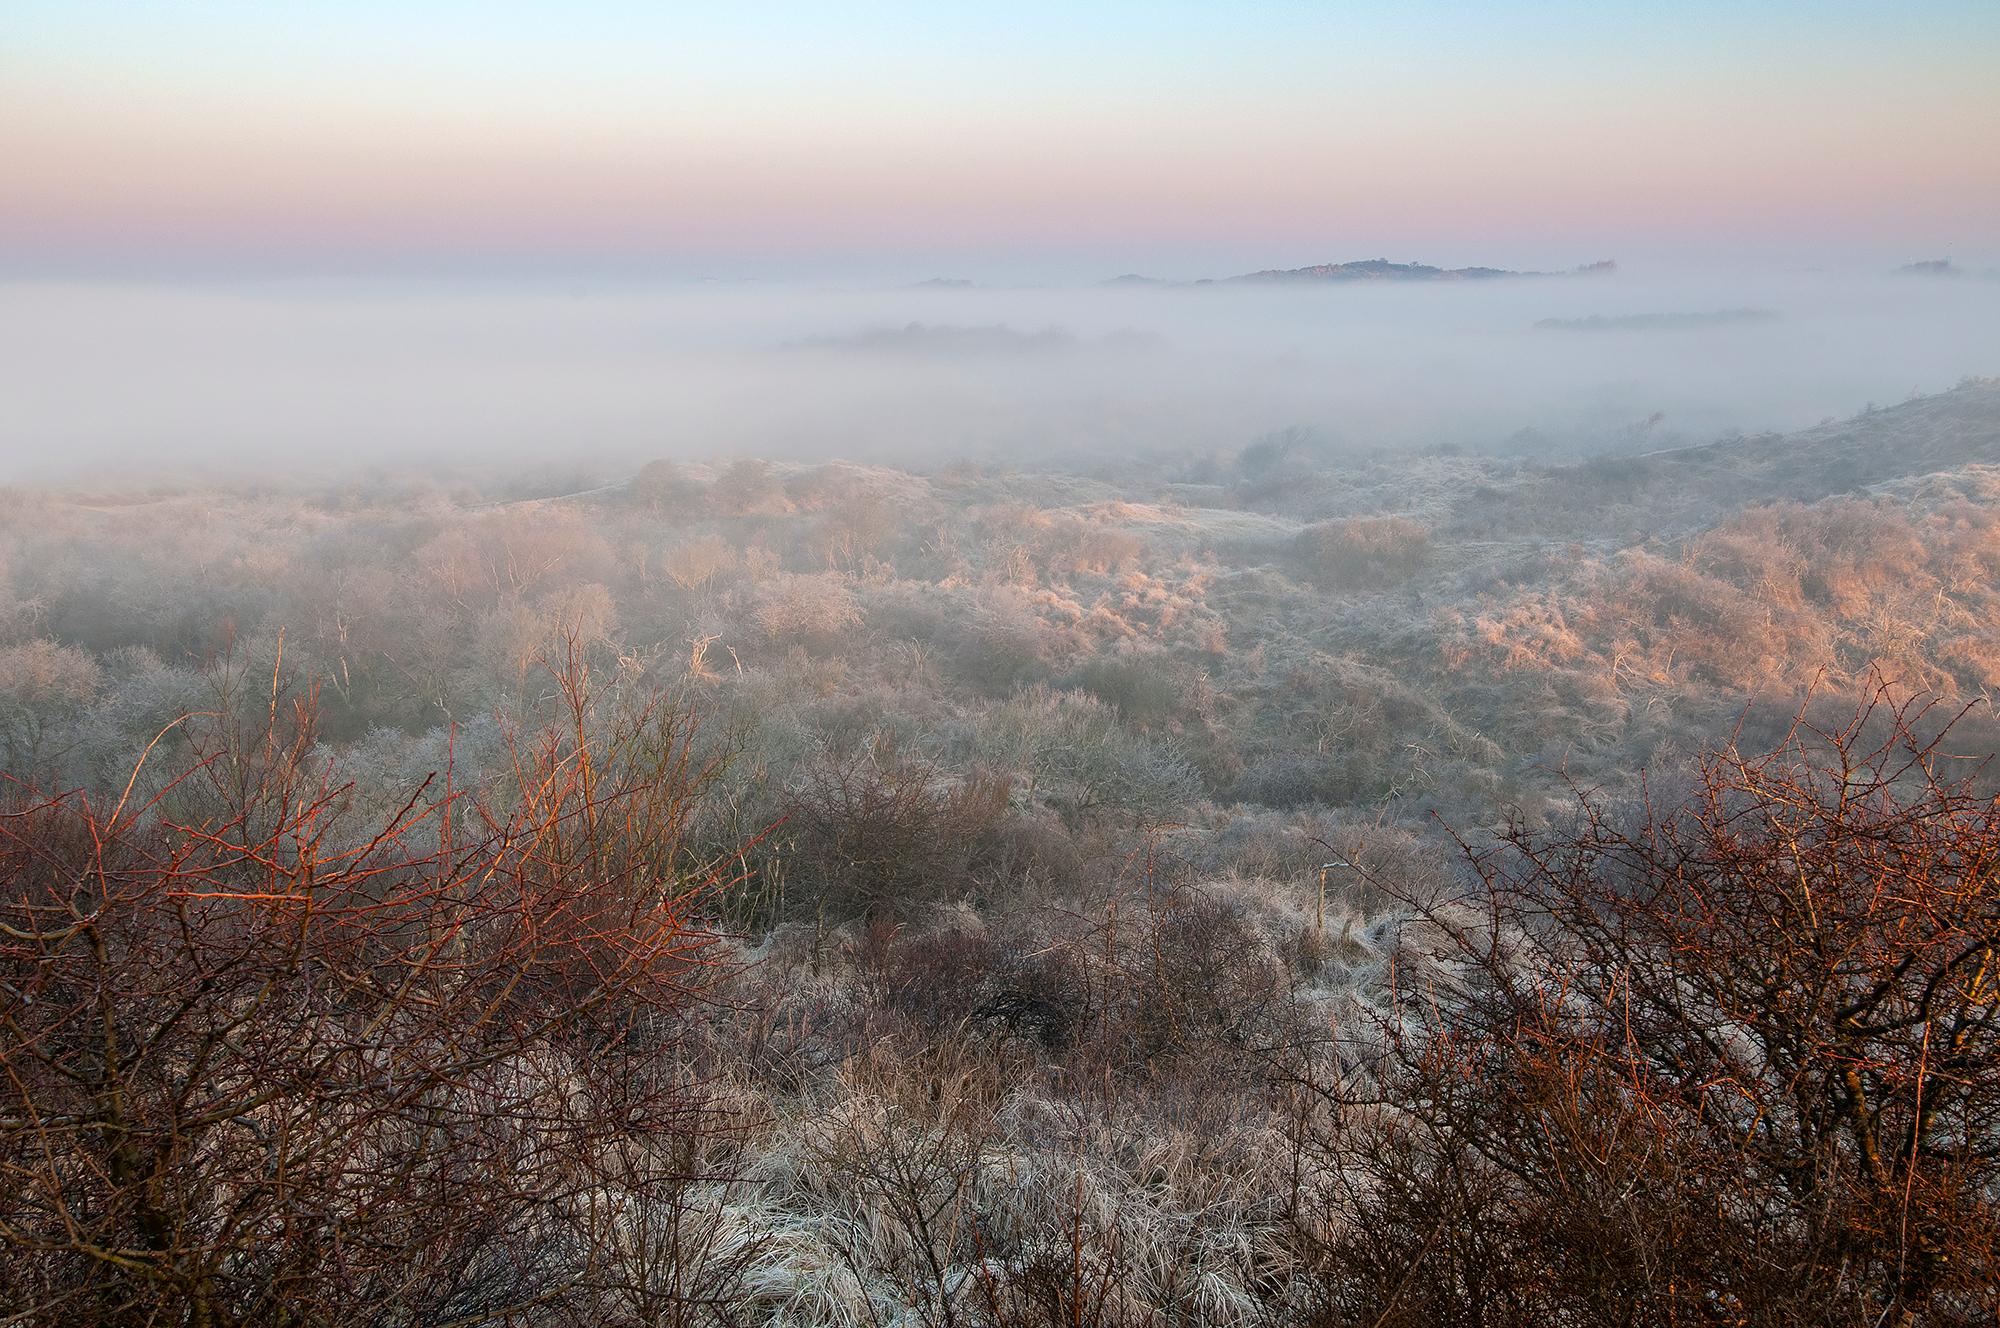 Mistige zonsopkomst in een koud, bevroren duinlandschap van het Nationaal Park Zuid-Kennemerland bij IJmuiden